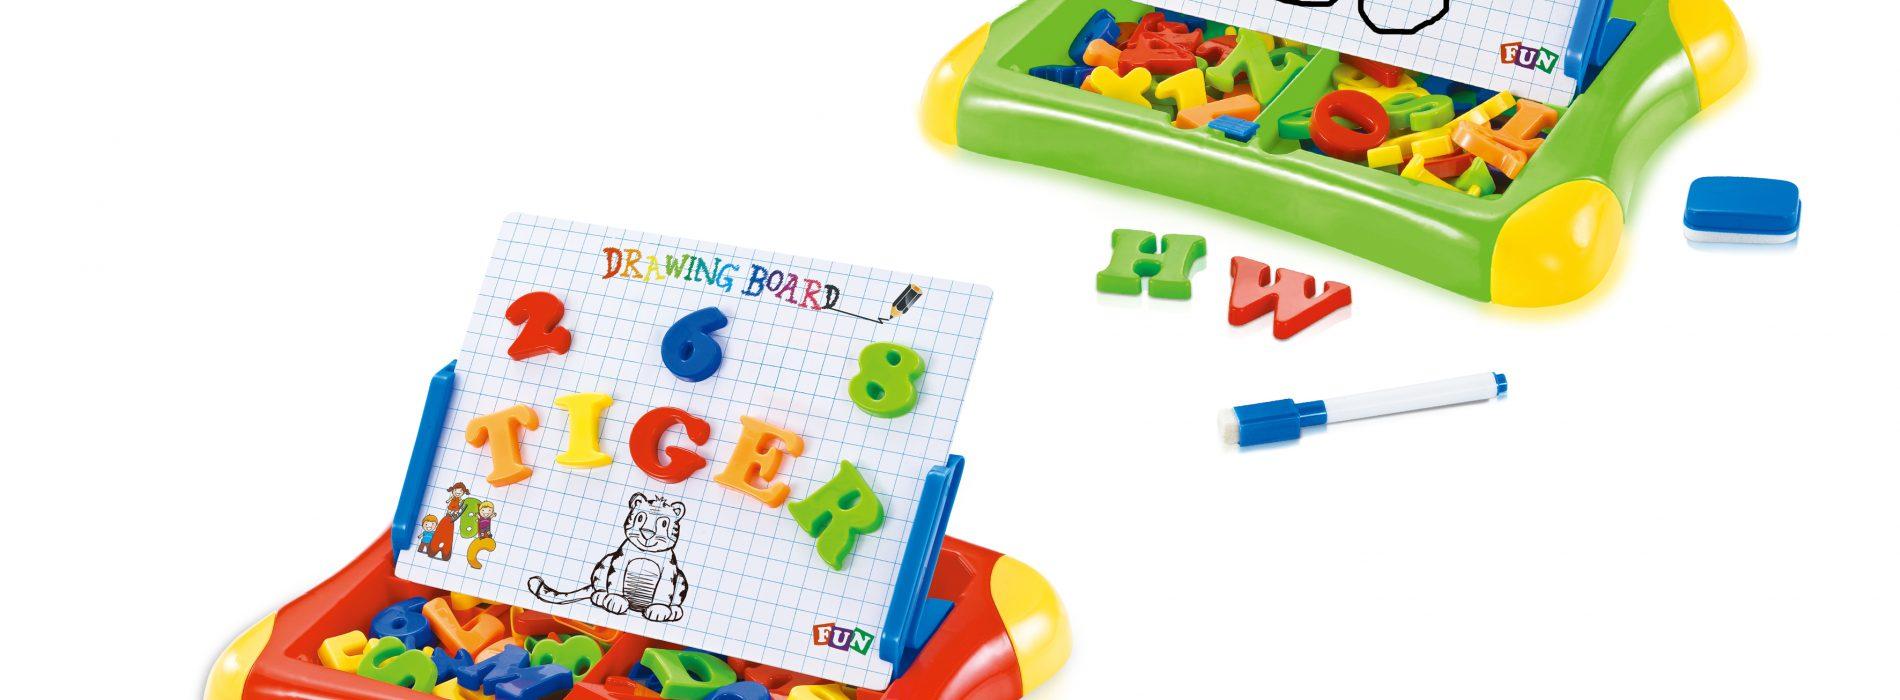 Brink+, marca própria de brinquedos da Lojas Americanas, aumenta sortimento em 15% para o Dia das Crianças e já acumula crescimento de 20% em vendas em 2019